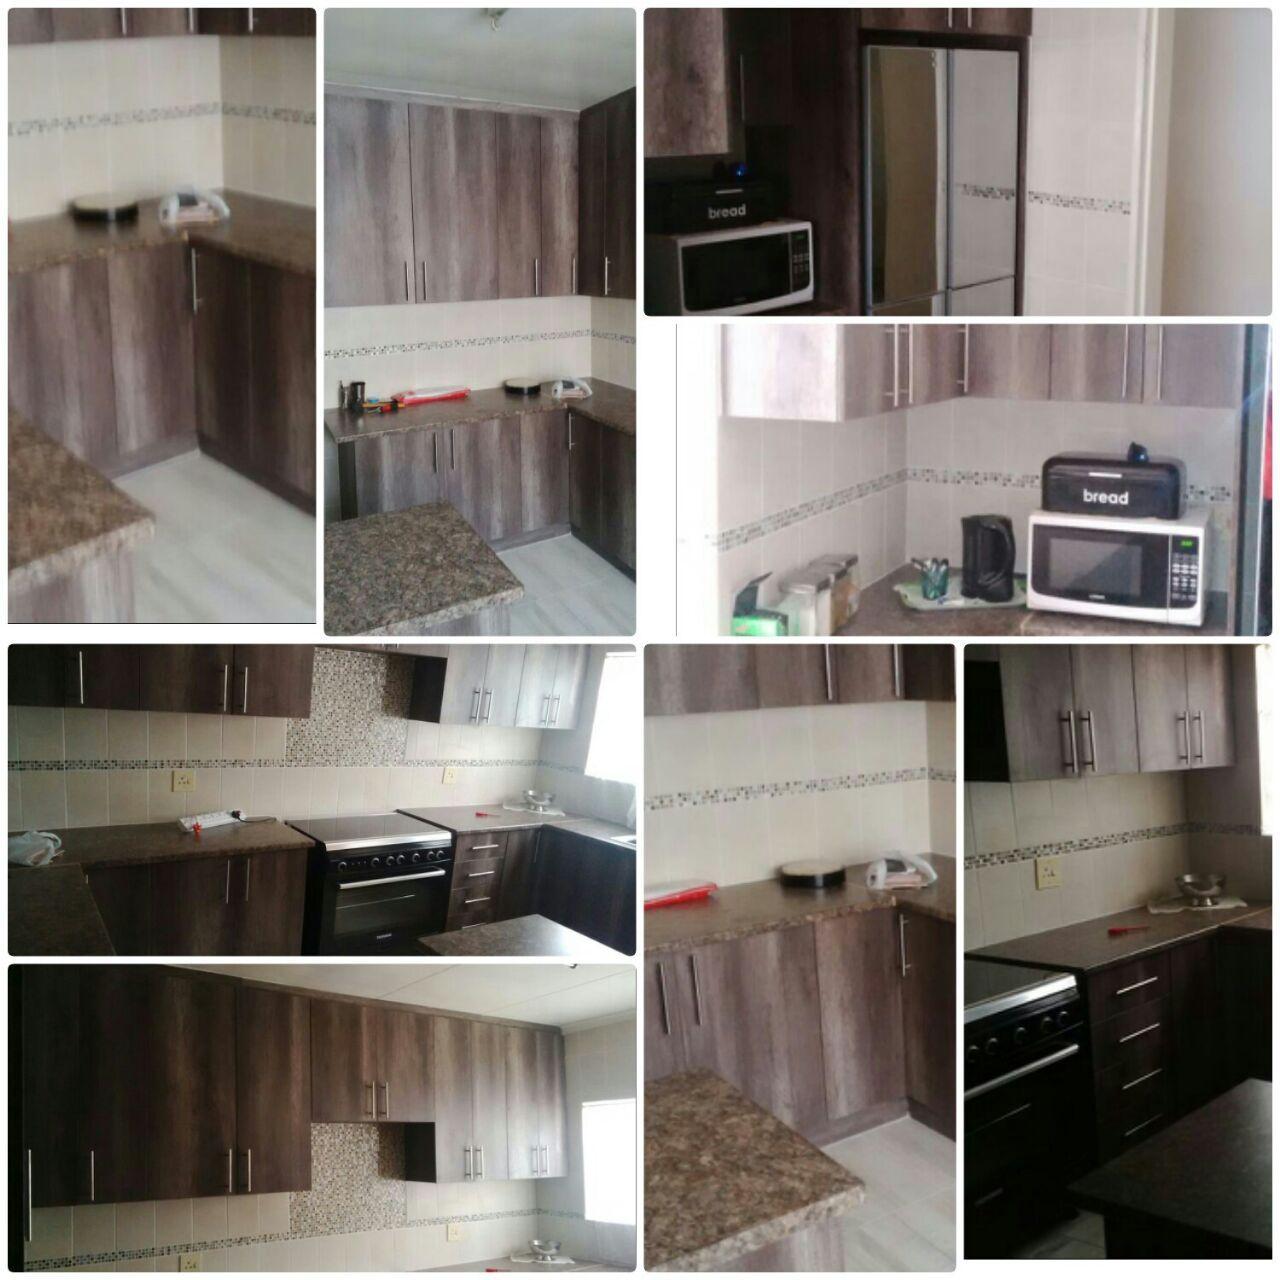 Cupboard AMS WoodWorx PTY LTD 201420586107 4180268171